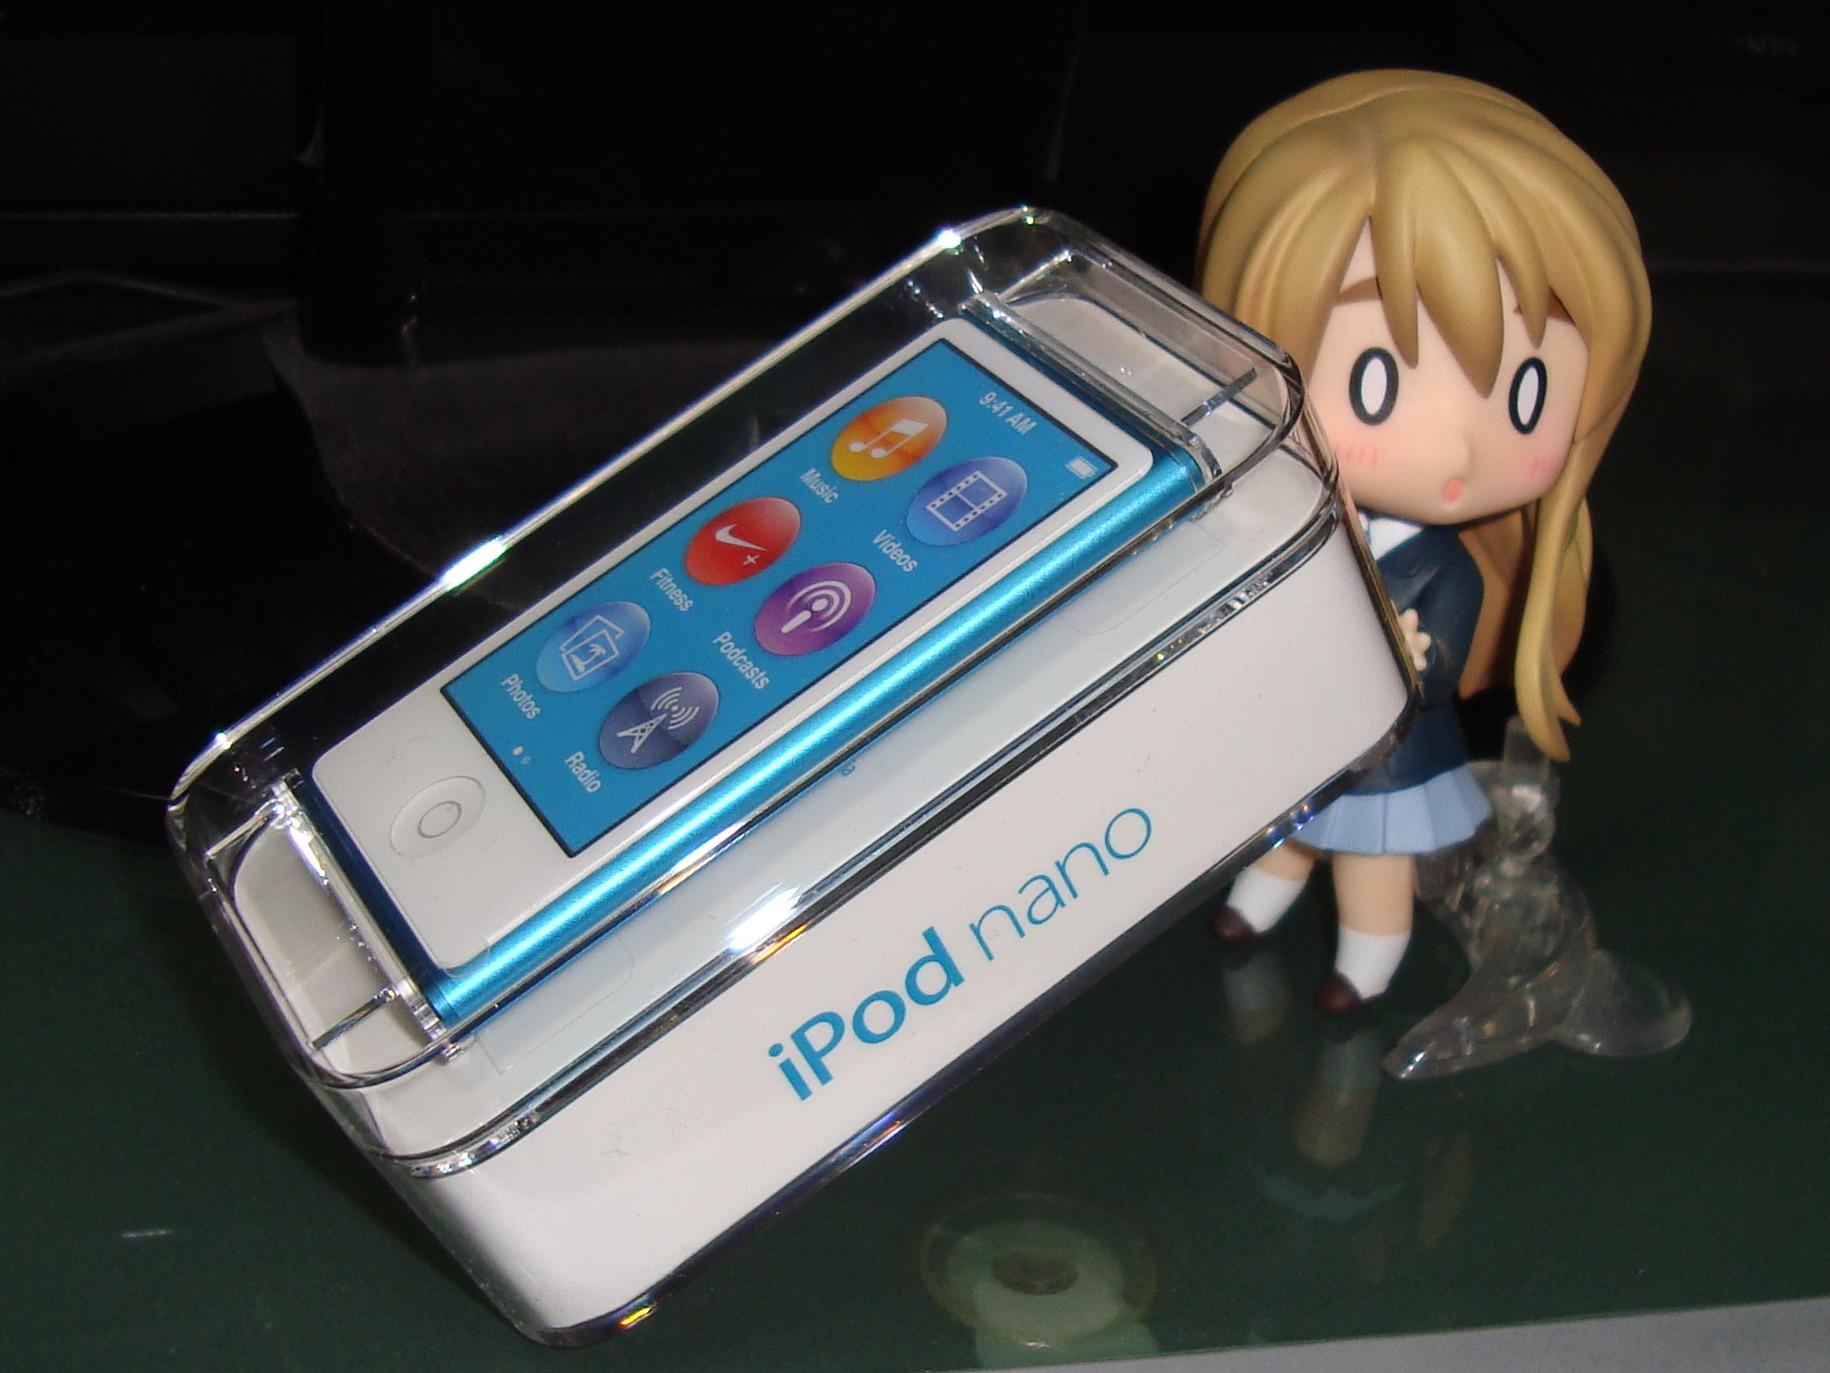 iPod nano 7G (blue, box, Flickr user Setuka)